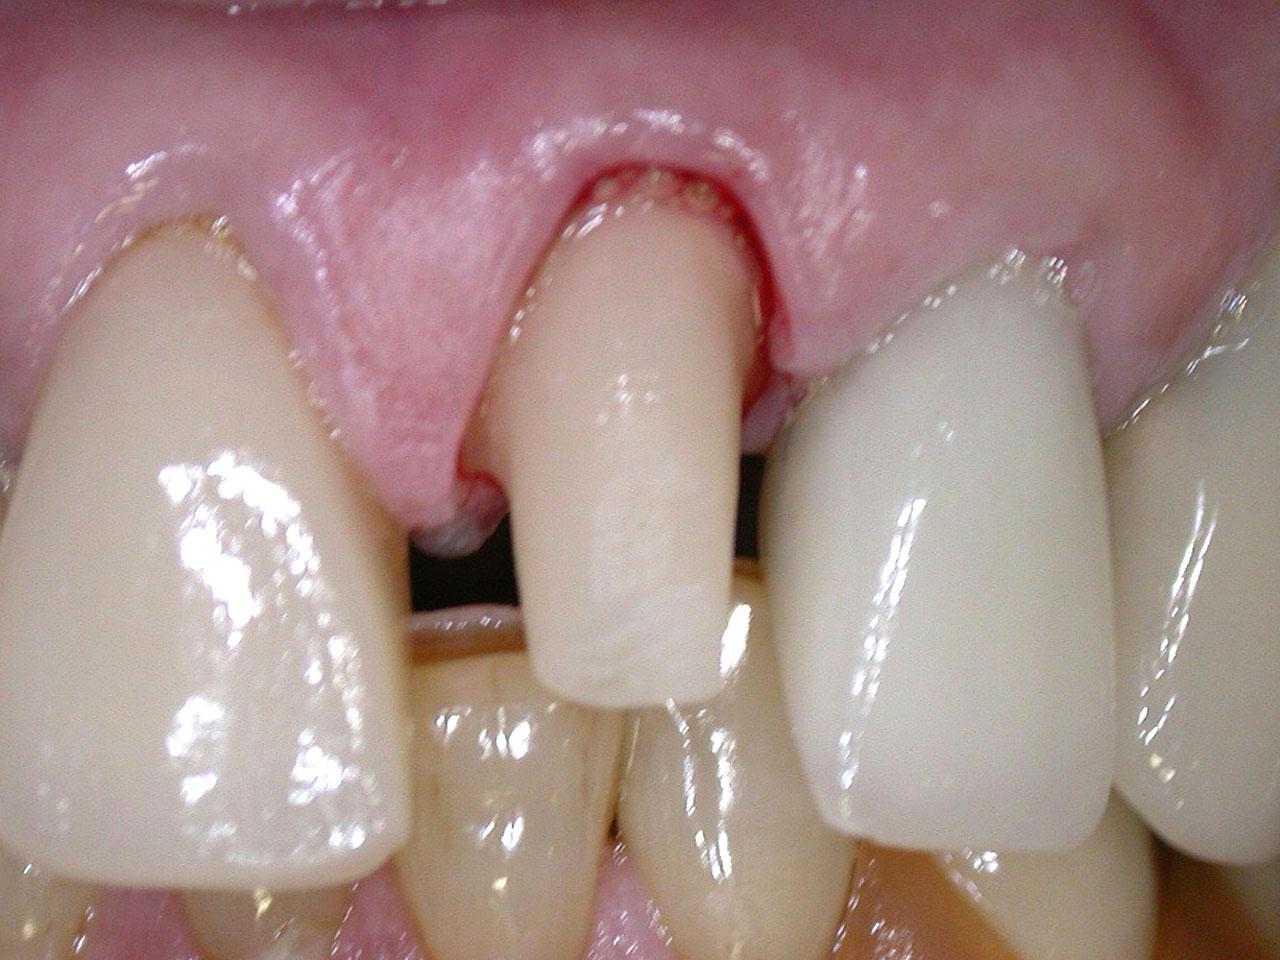 福井歯科 矯正歯科クリニック: グラスファイバーポストレジンコア